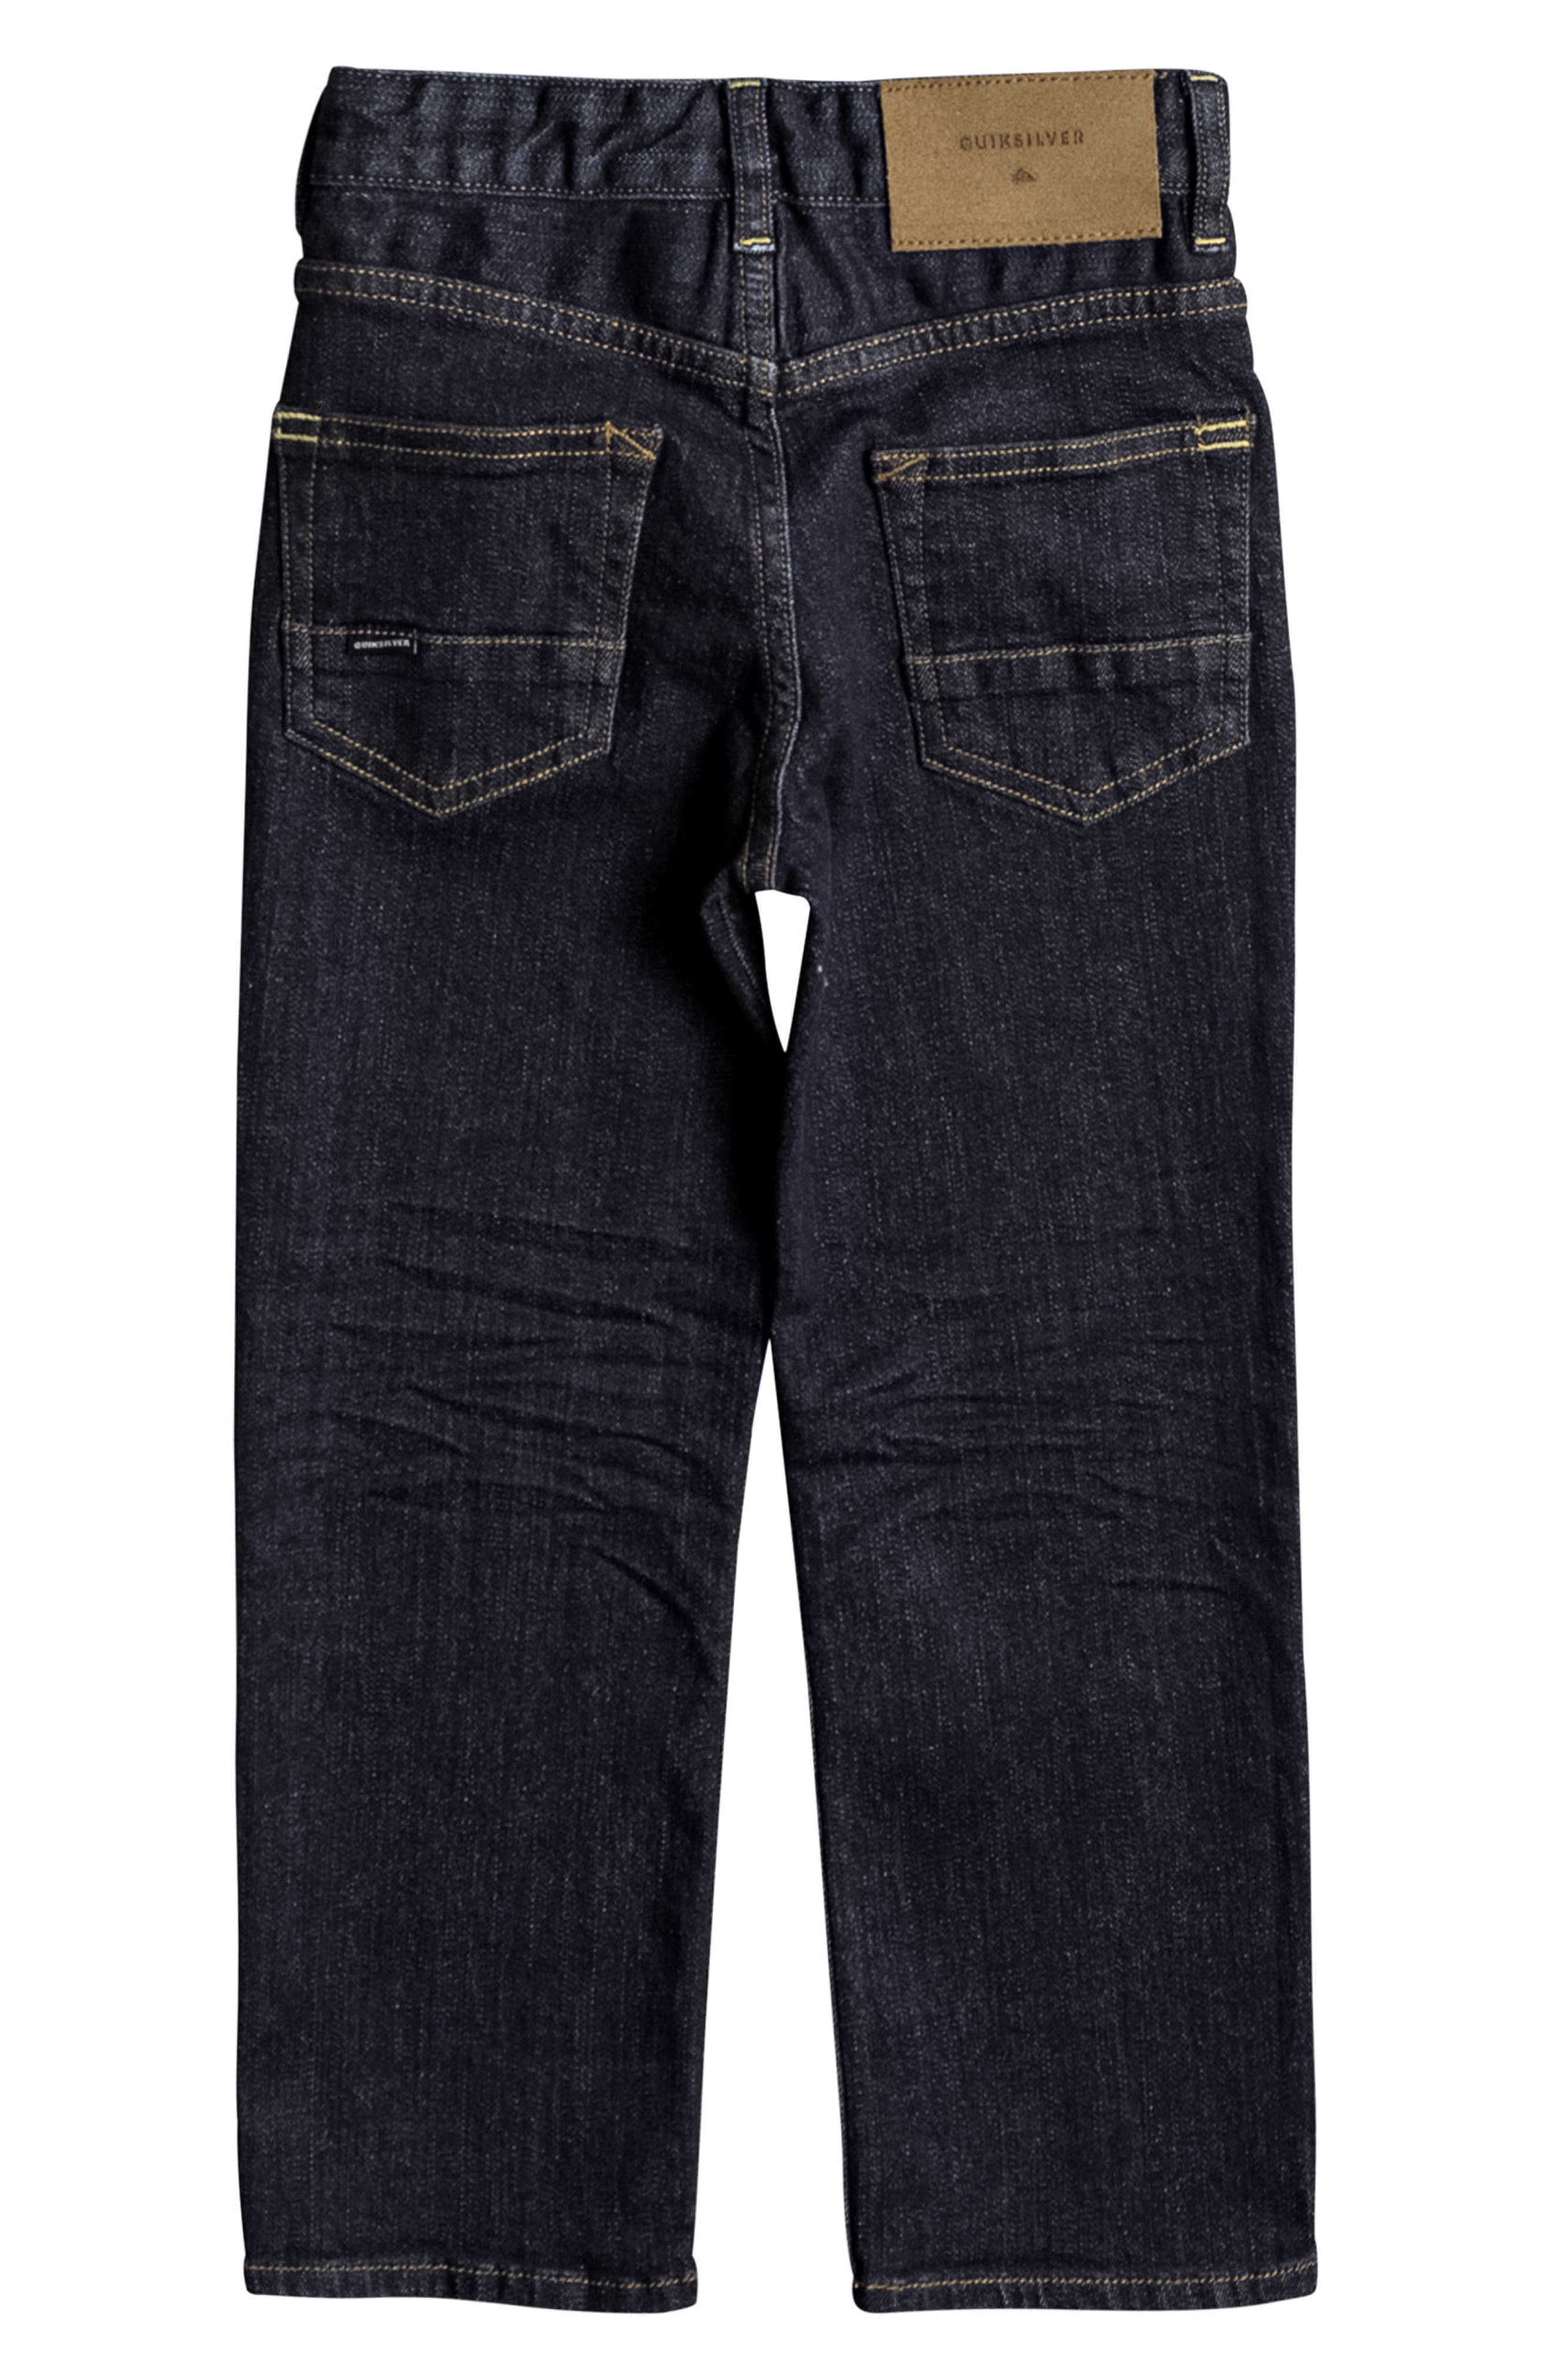 Sequel 5-Pocket Jeans,                             Alternate thumbnail 2, color,                             401